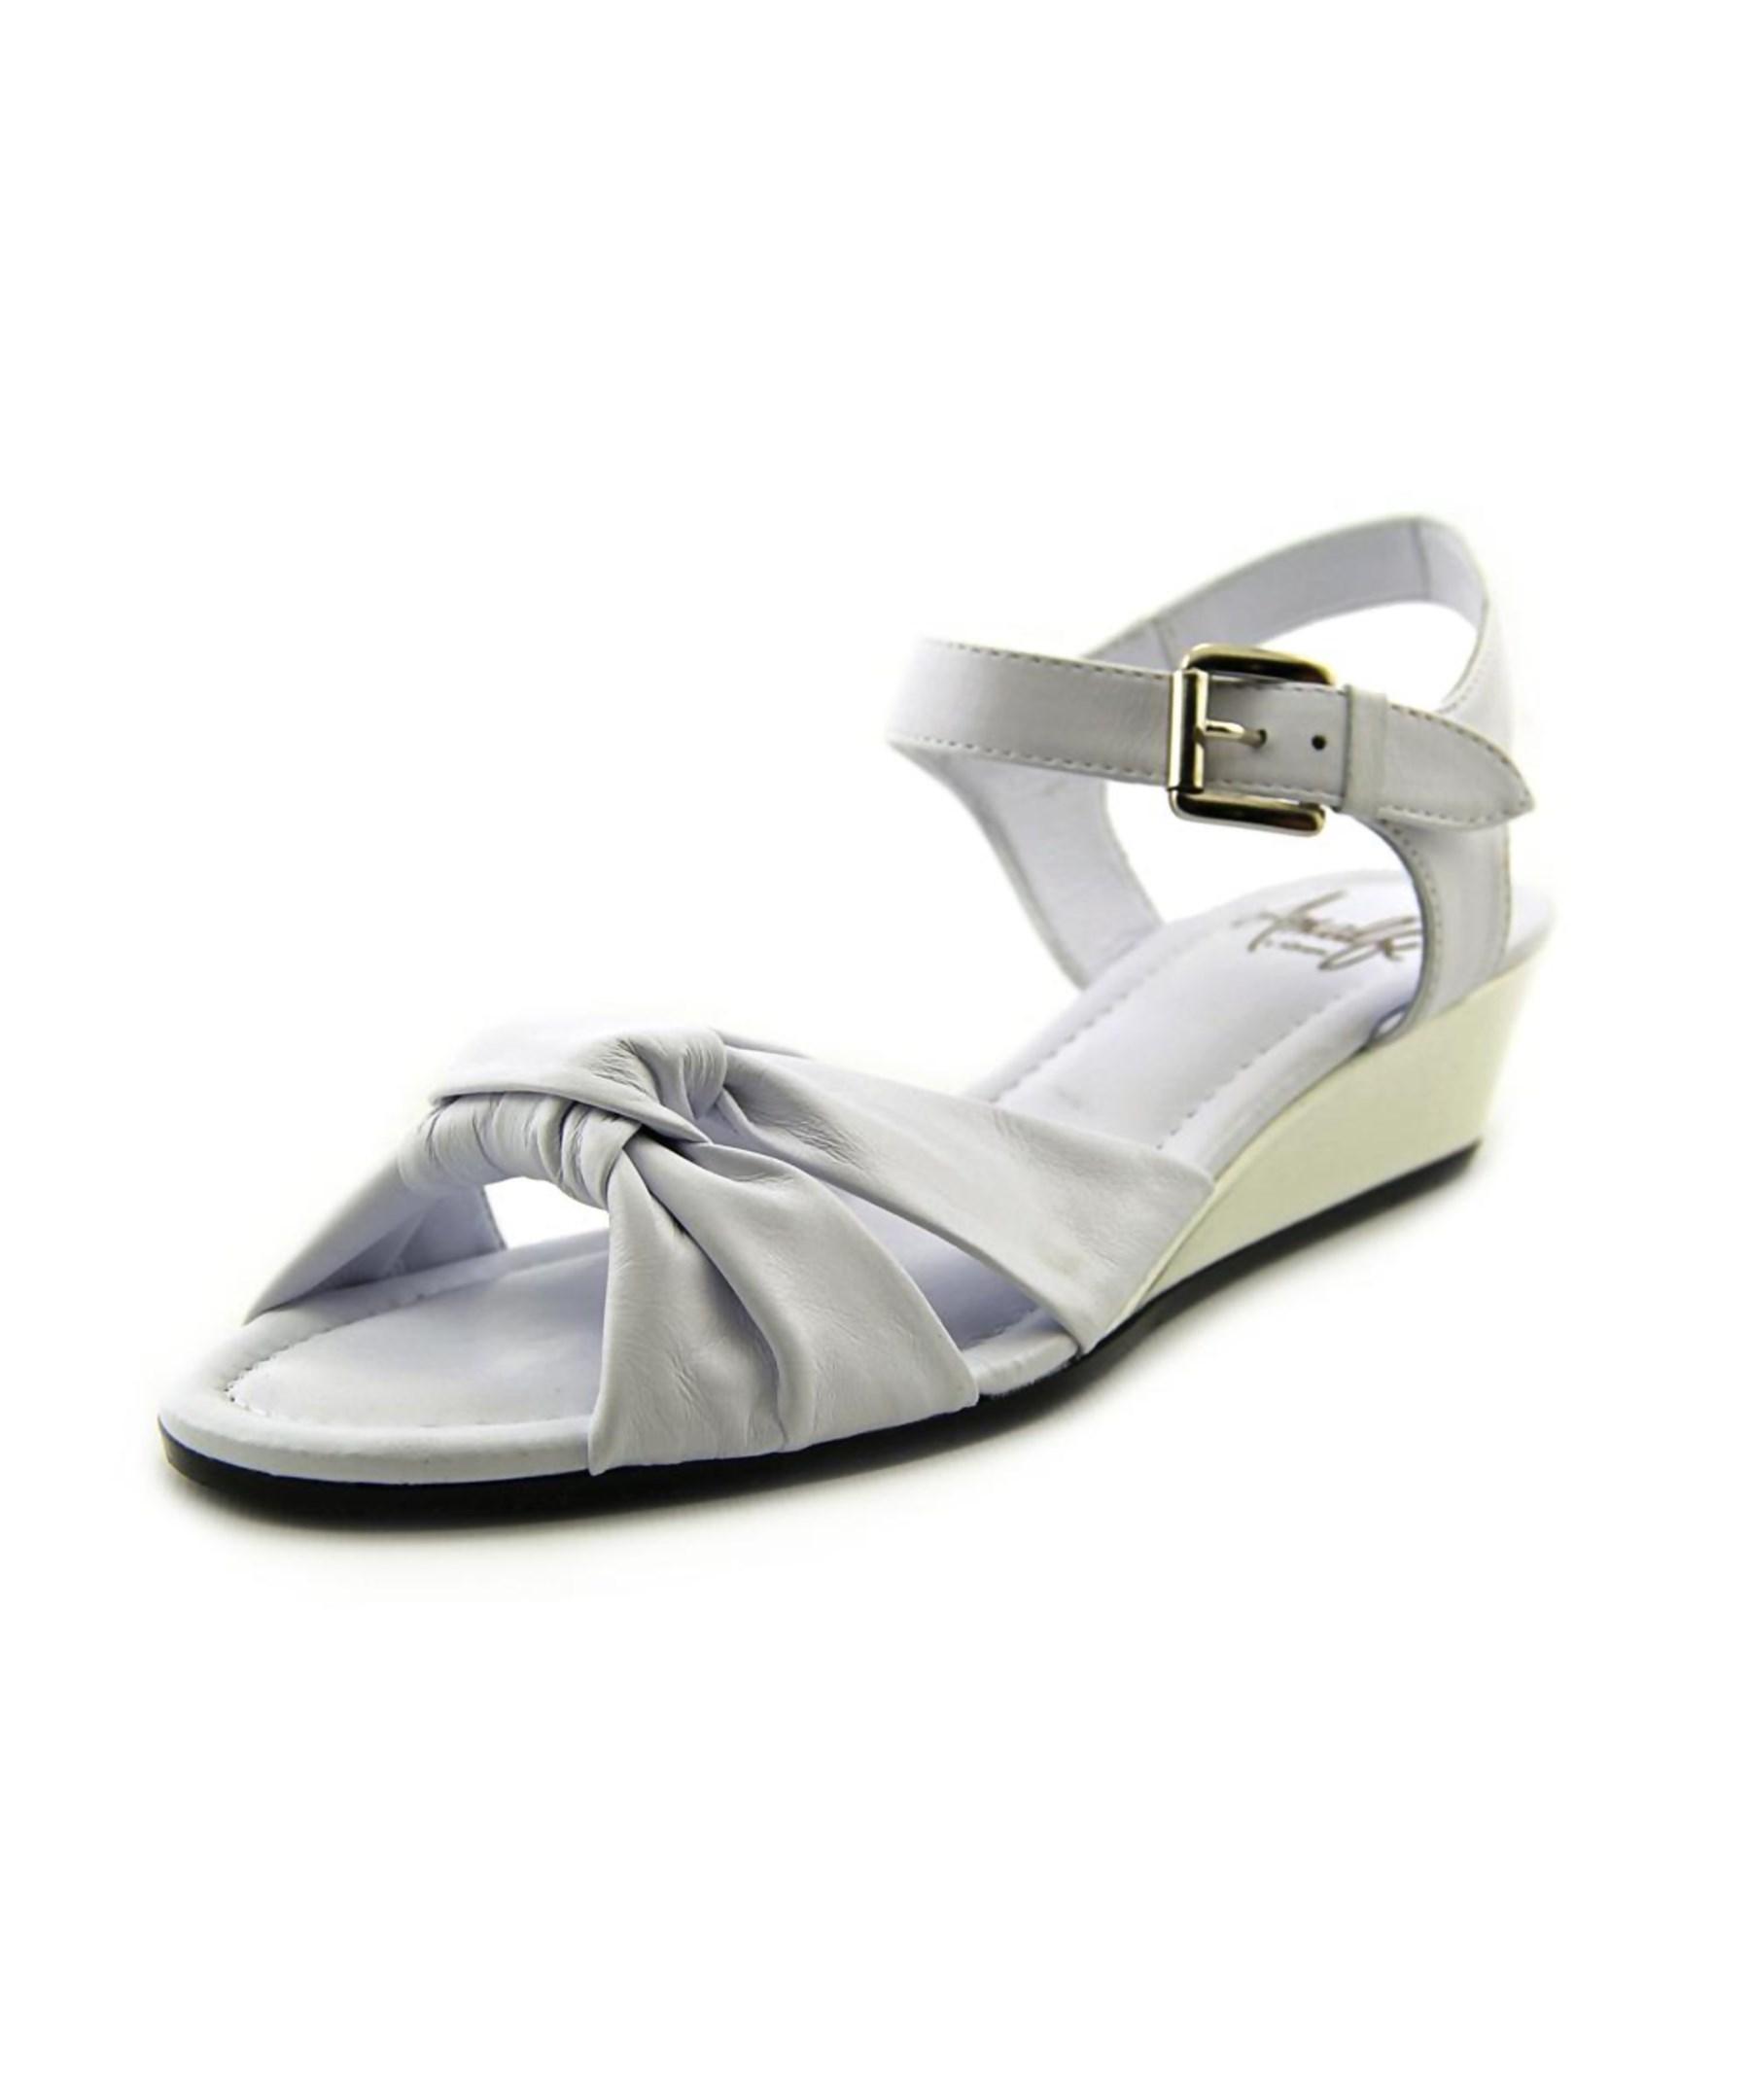 Amalfi By Rangoni Women S Shoes